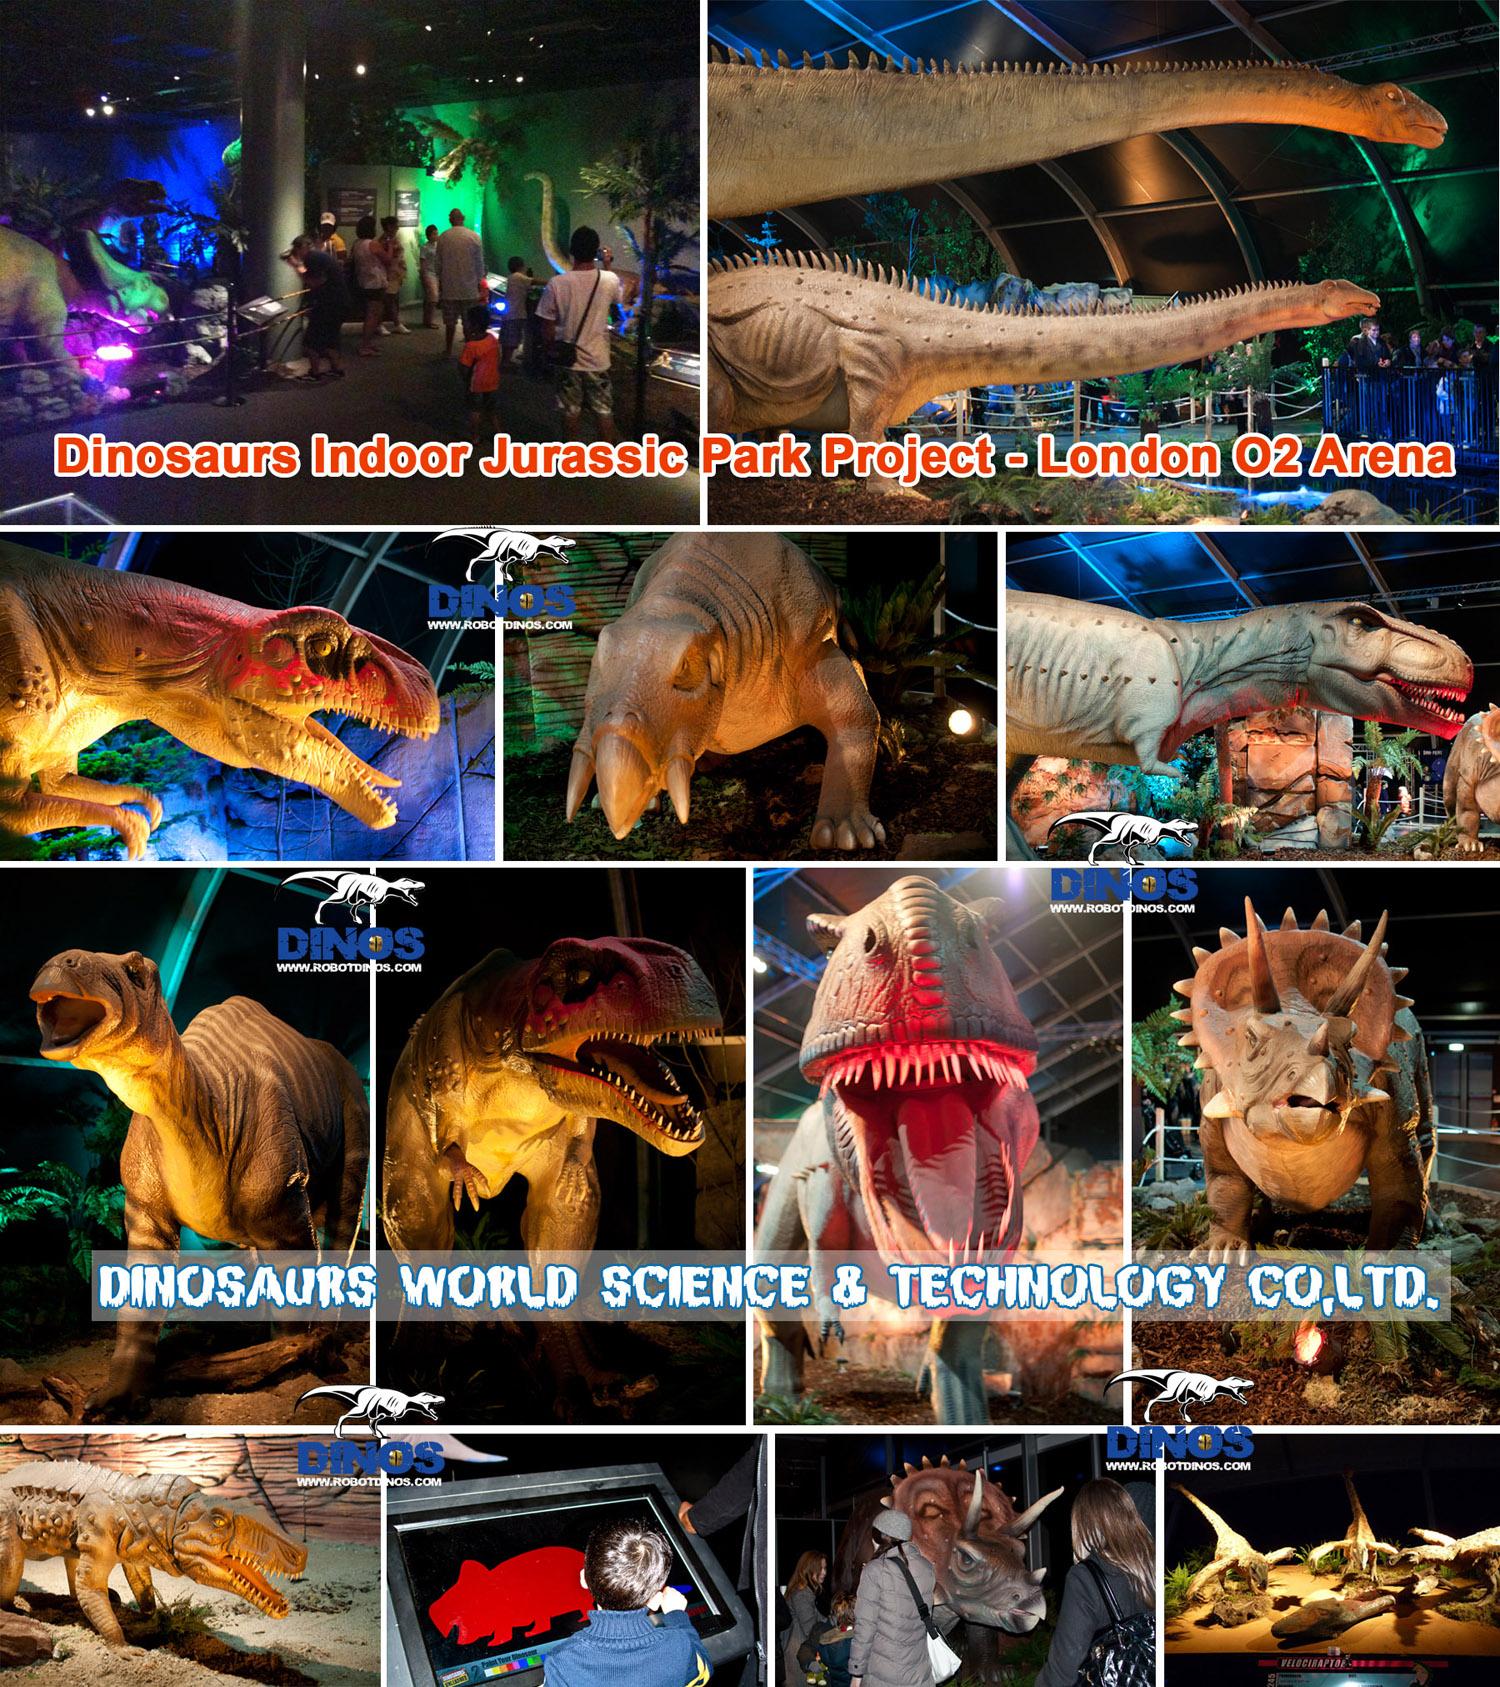 animatronic dinosaurs,dinosaur costume,artificial dinosaurs,robotic dinosaurs,dinosaur robot,dinosaurs robotic,indoor dinosaurs exhibition